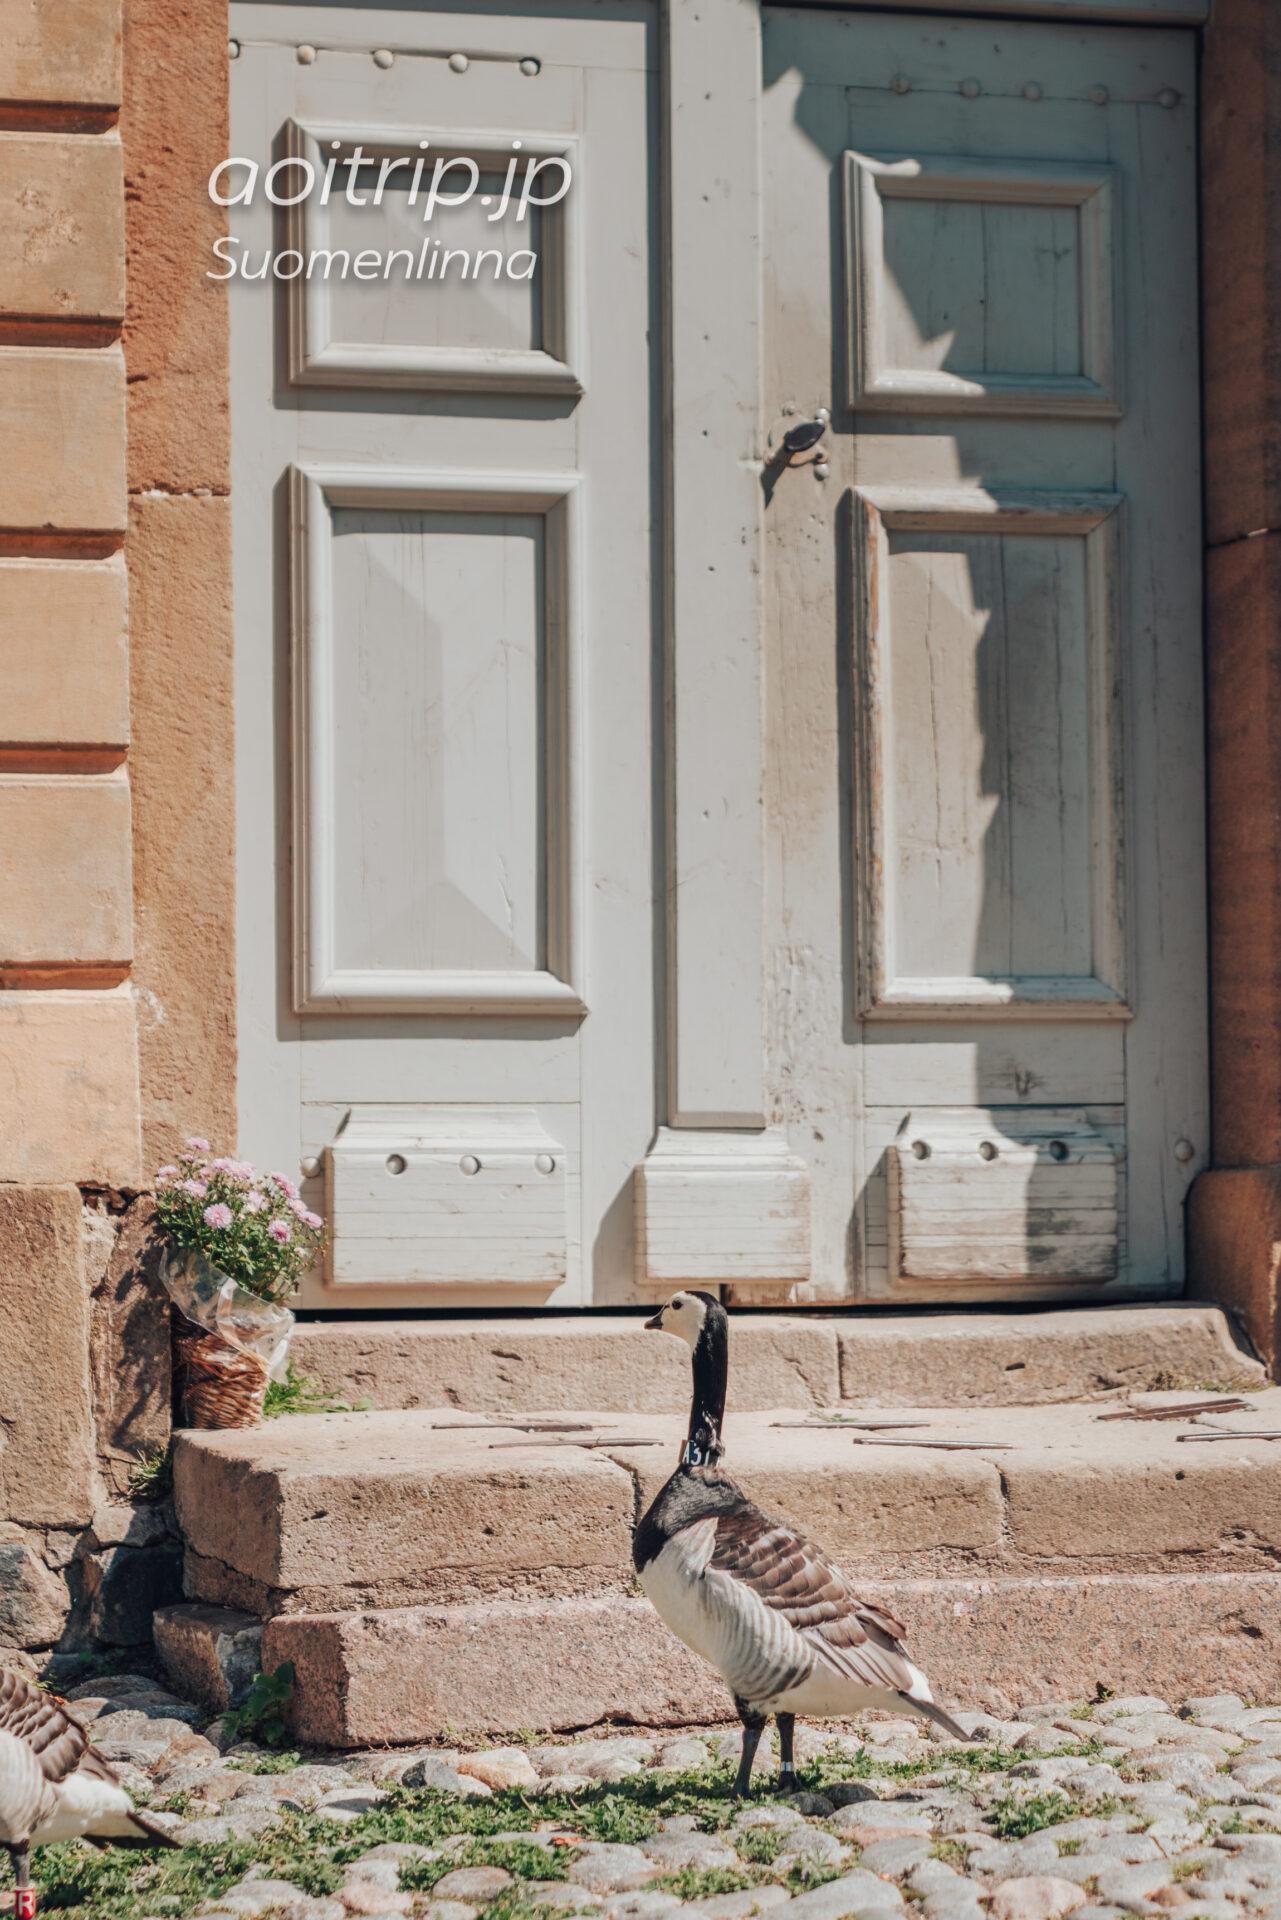 スオメンリンナのカオジロガン